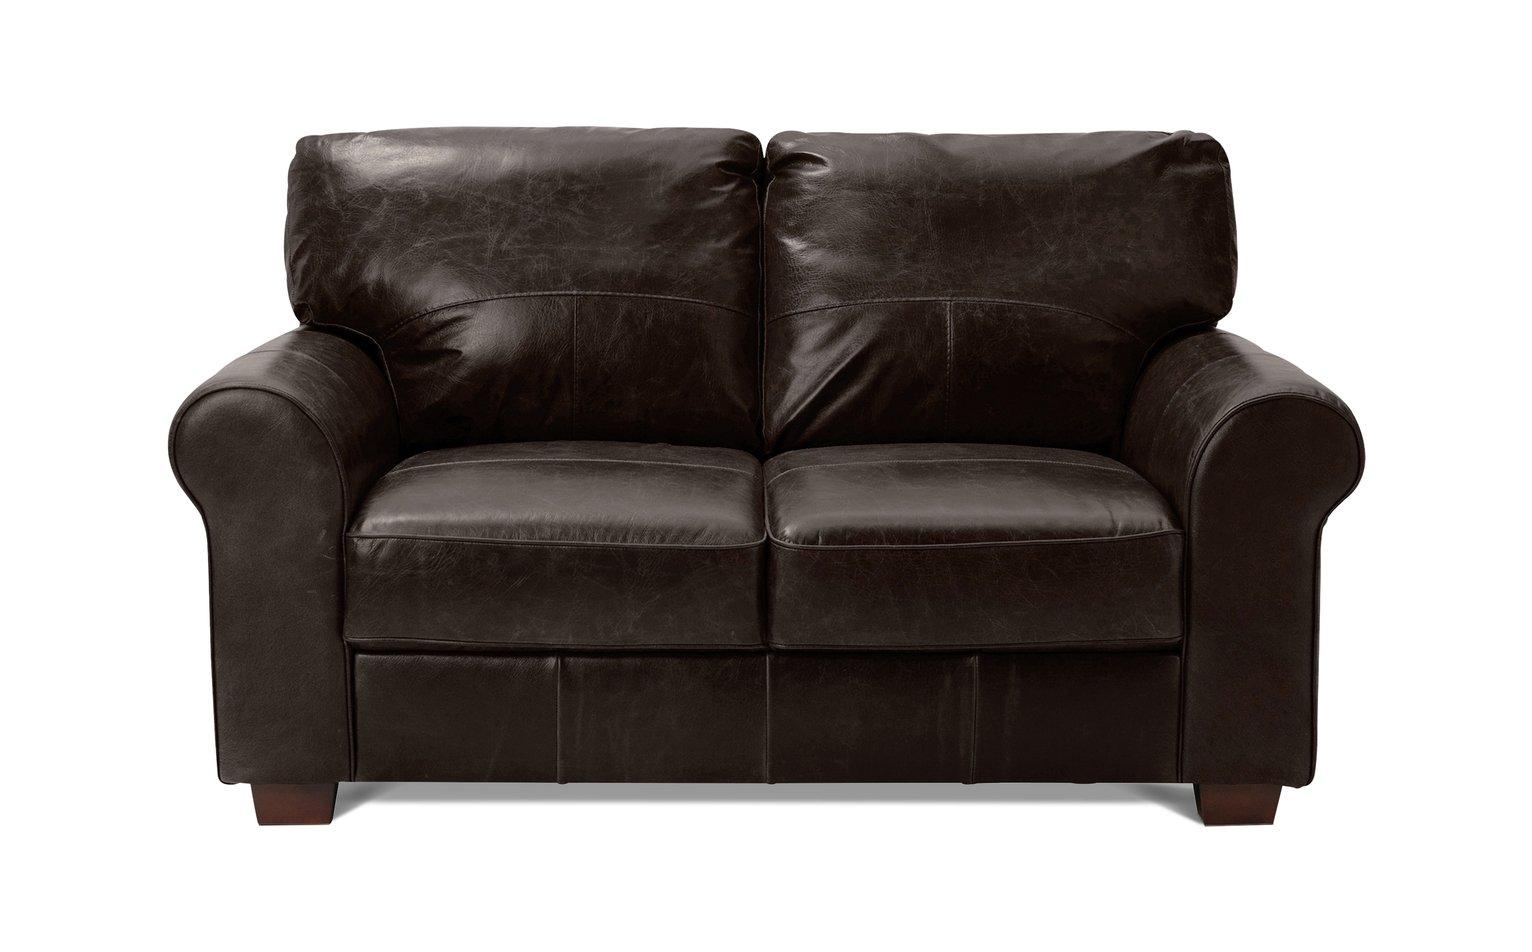 Habitat Salisbury 2 Seater Leather Sofa - Dark Brown